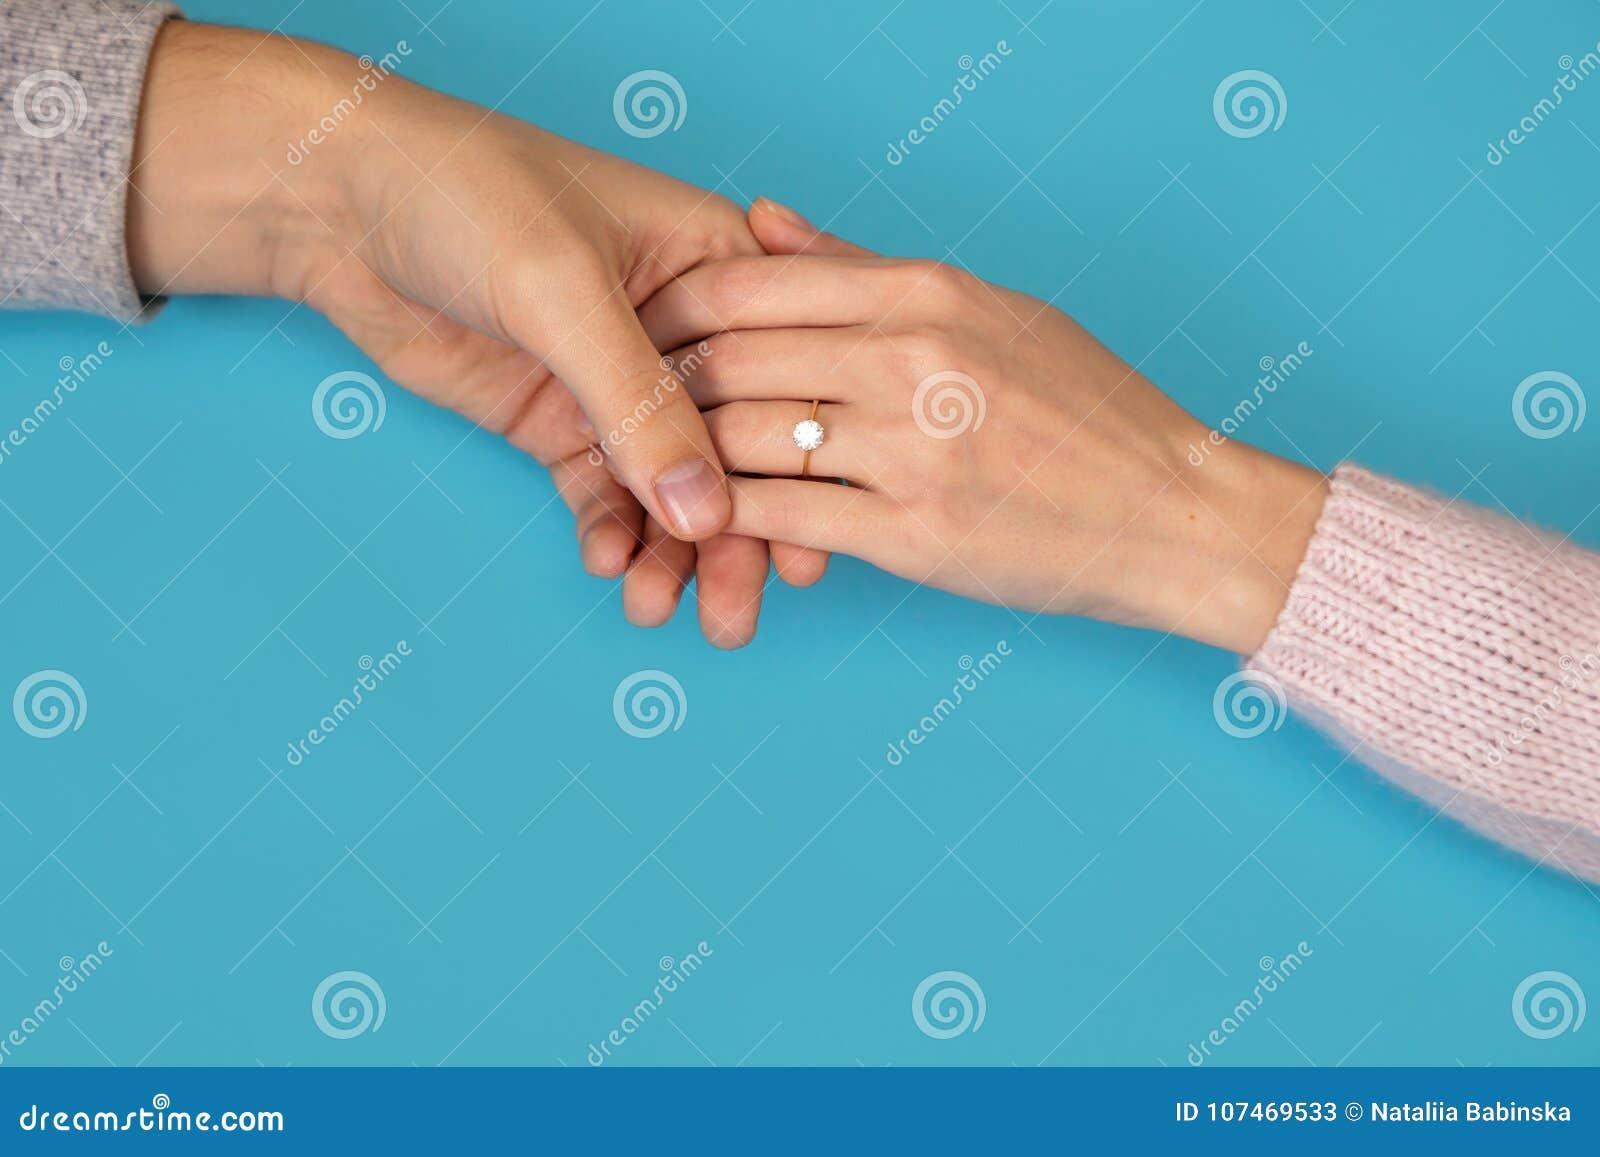 boyfriend girlfriend love story